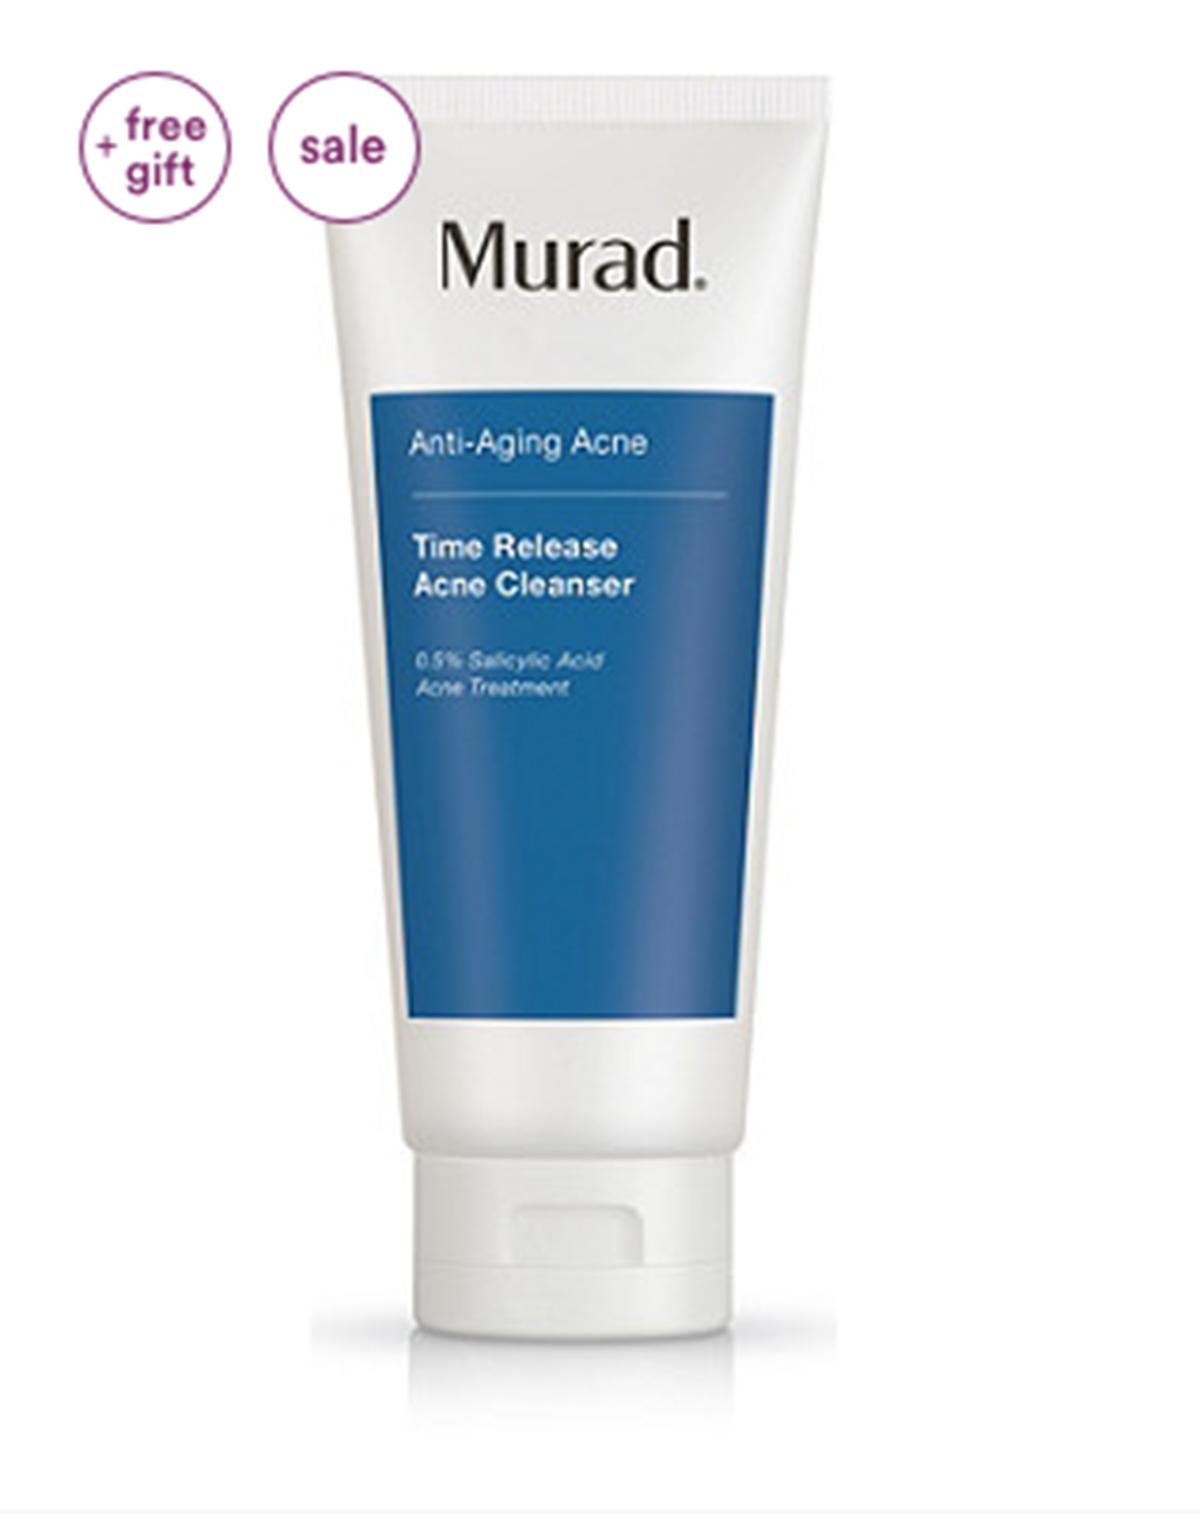 murad-acne